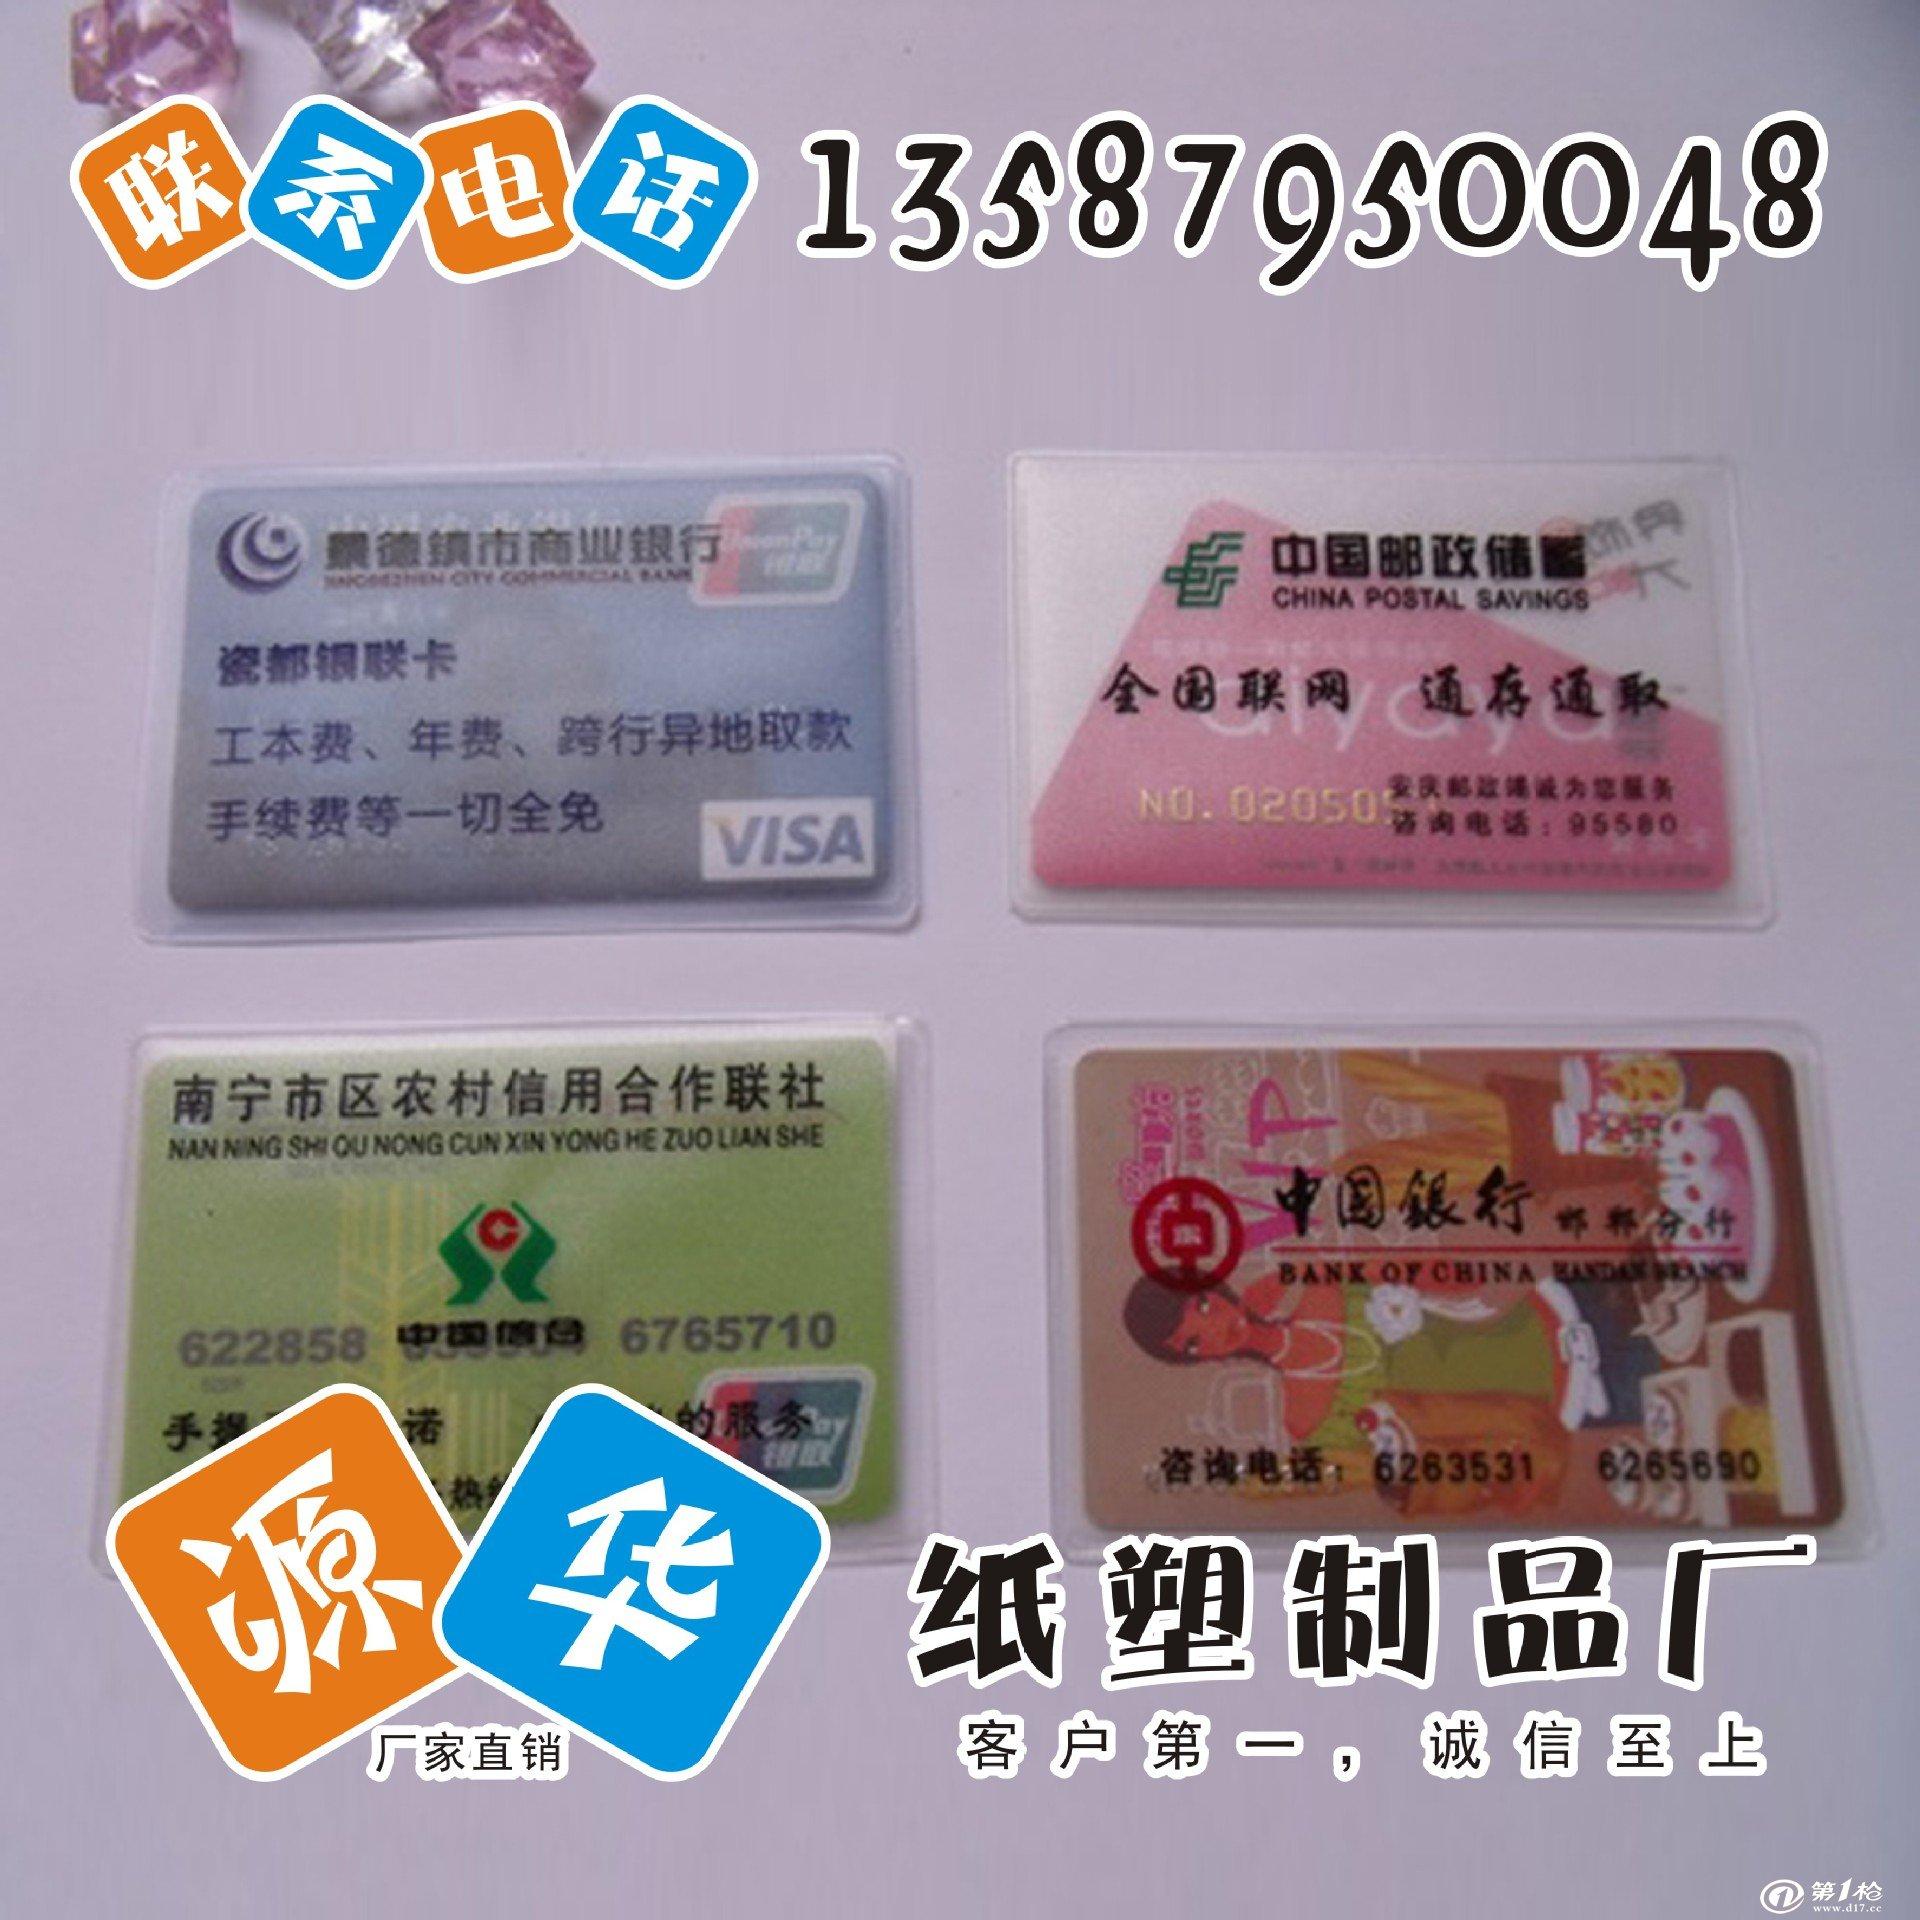 透明pvc 银行卡套,公交卡套,身份证保护套,证件套,防水,防磁